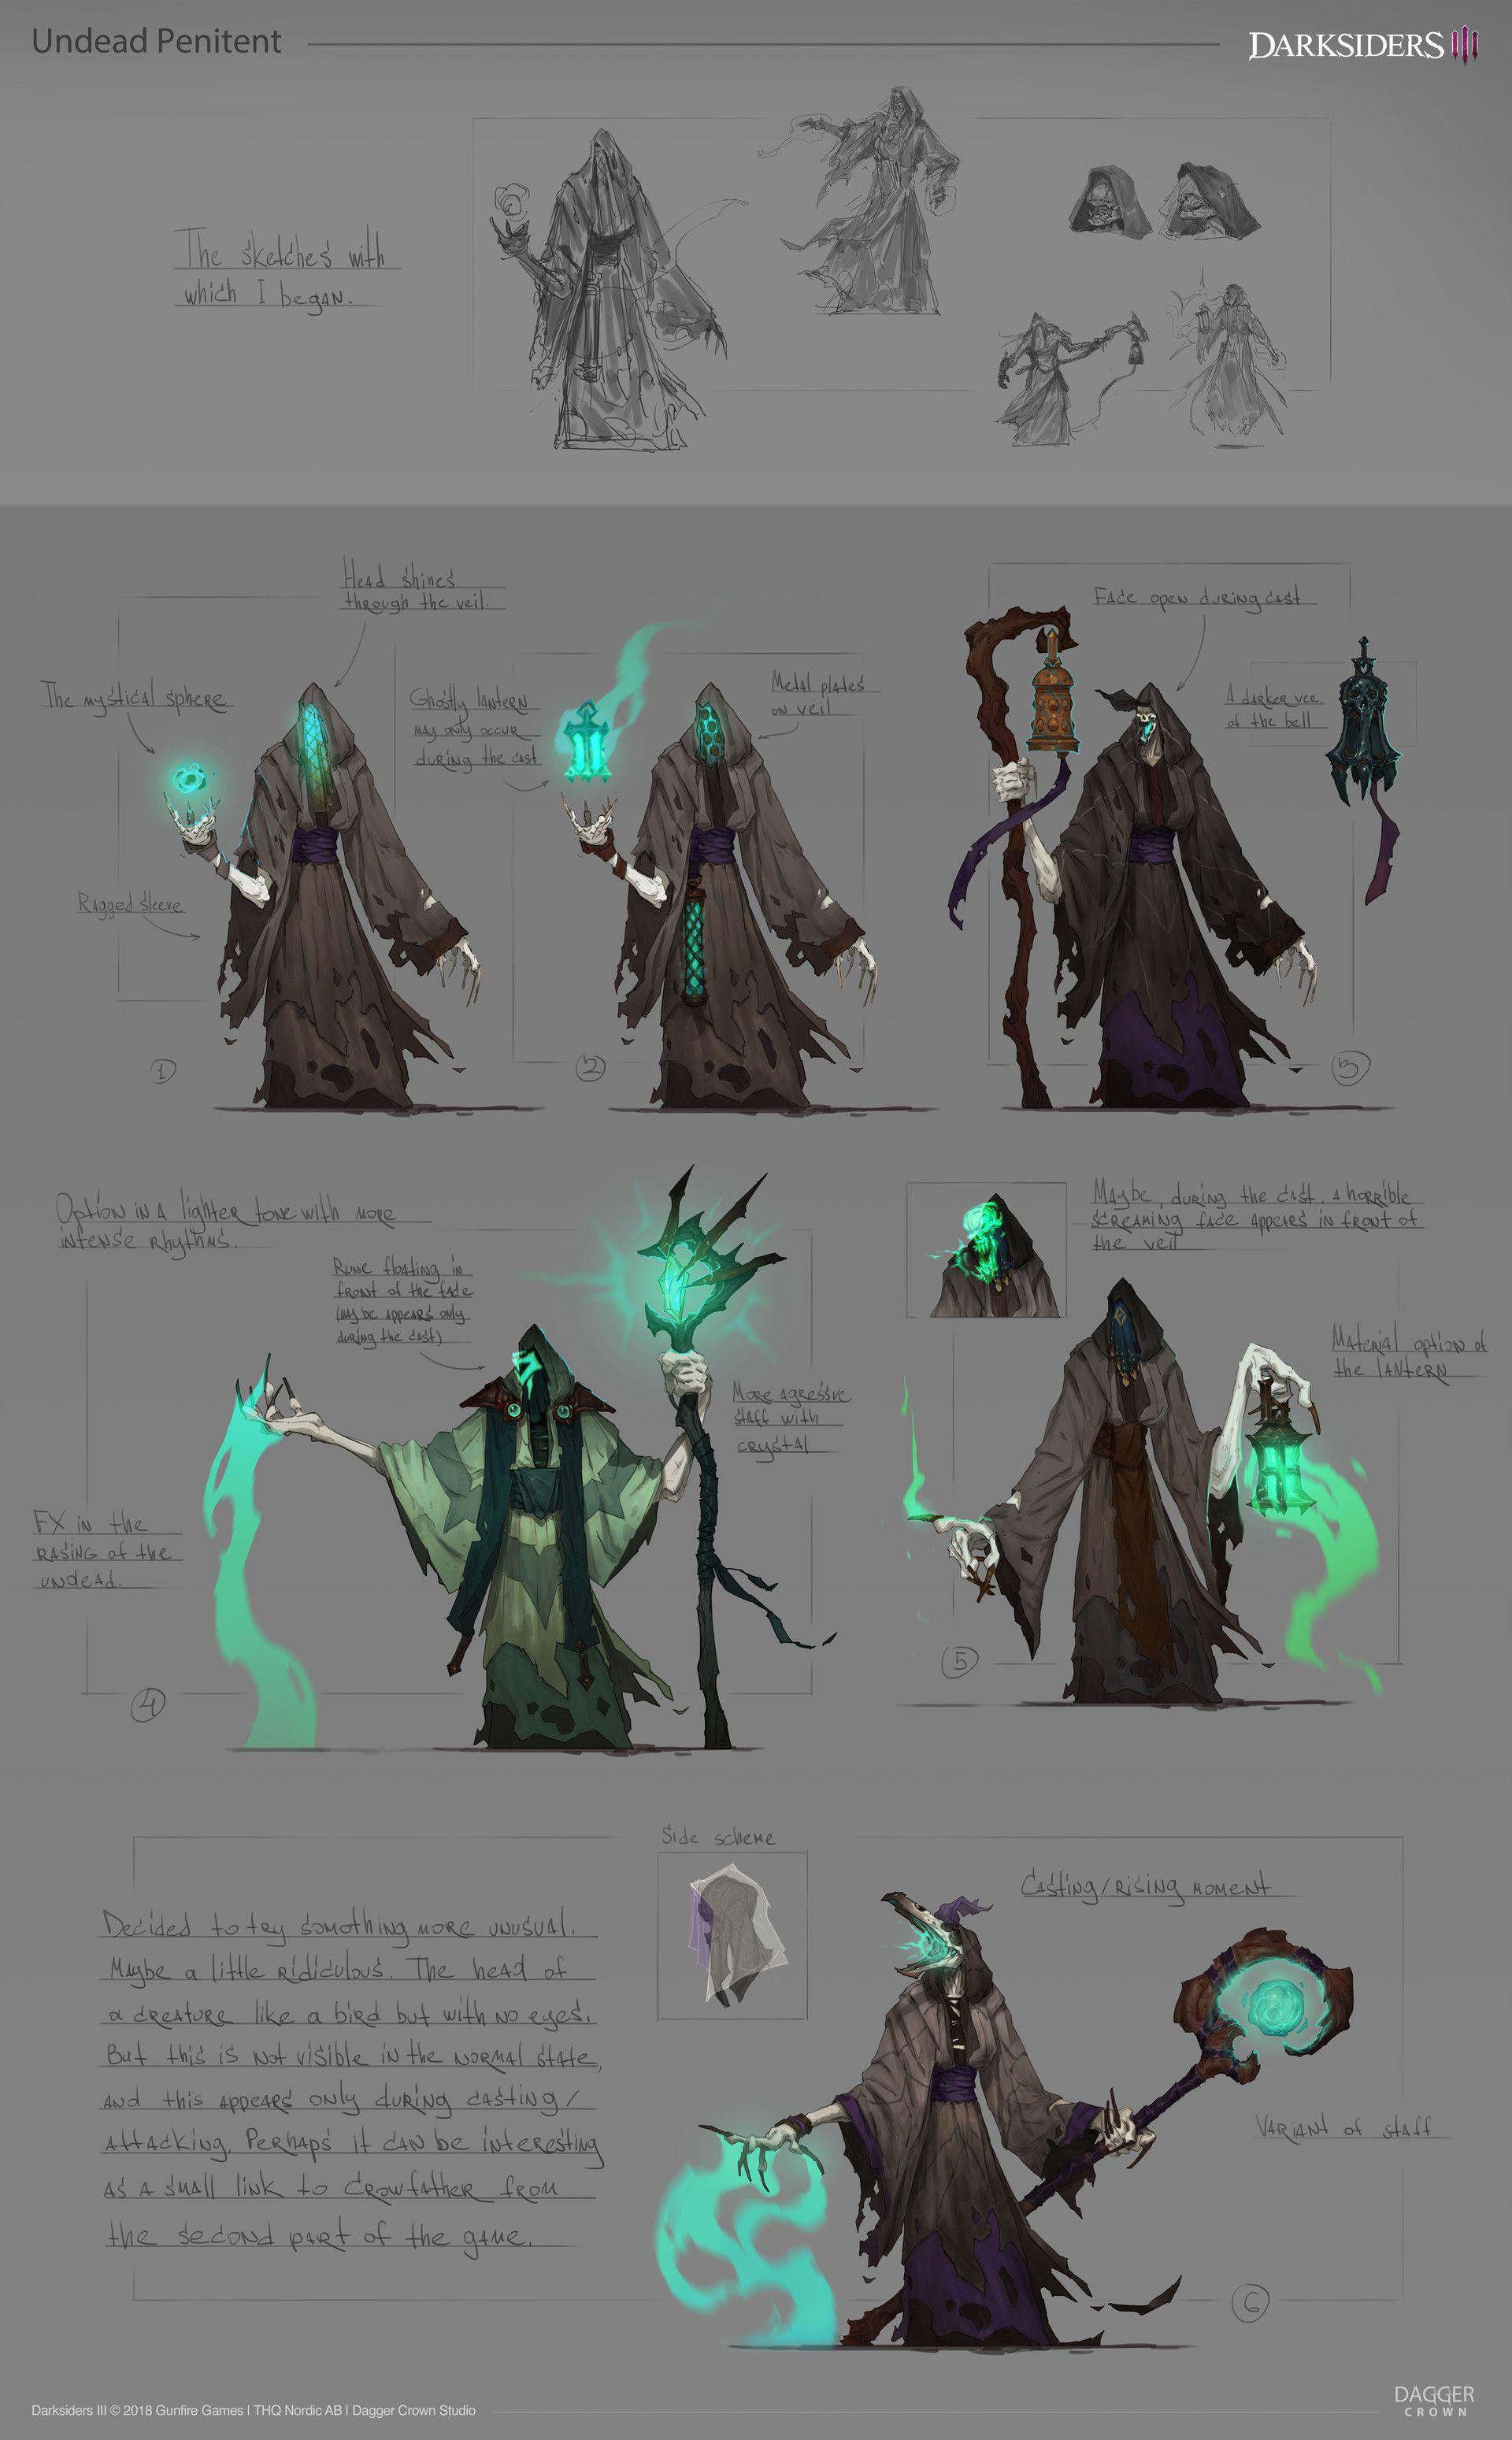 ArtStation - Darksiders 3 |Phantom Guard Task Master, DAGGER CROWN